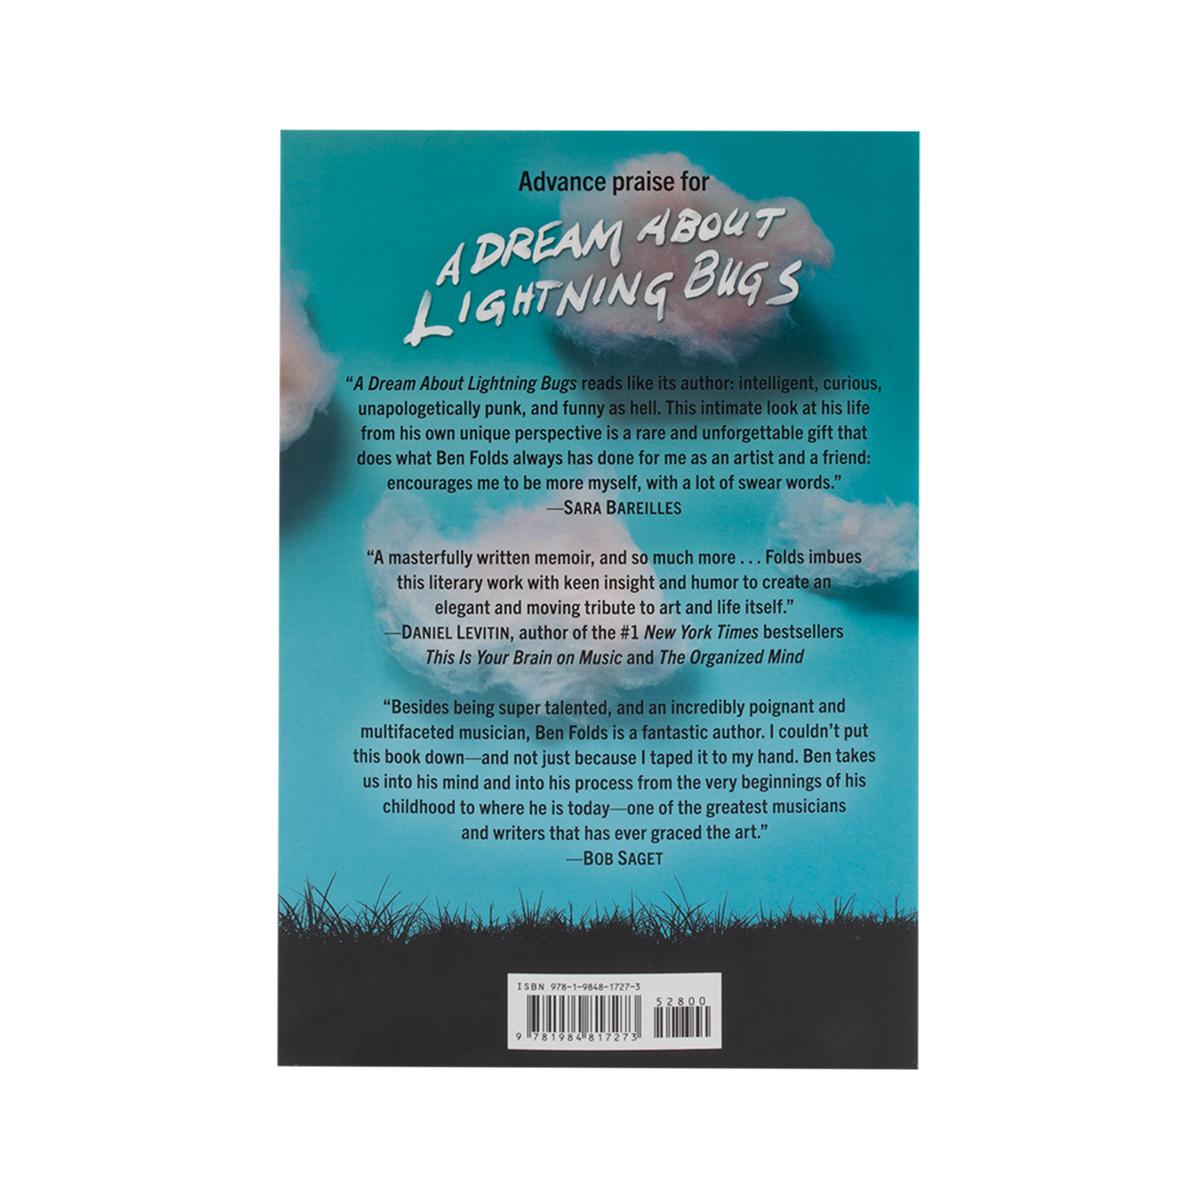 Ben Folds - A Dream About Lighting Bugs Book